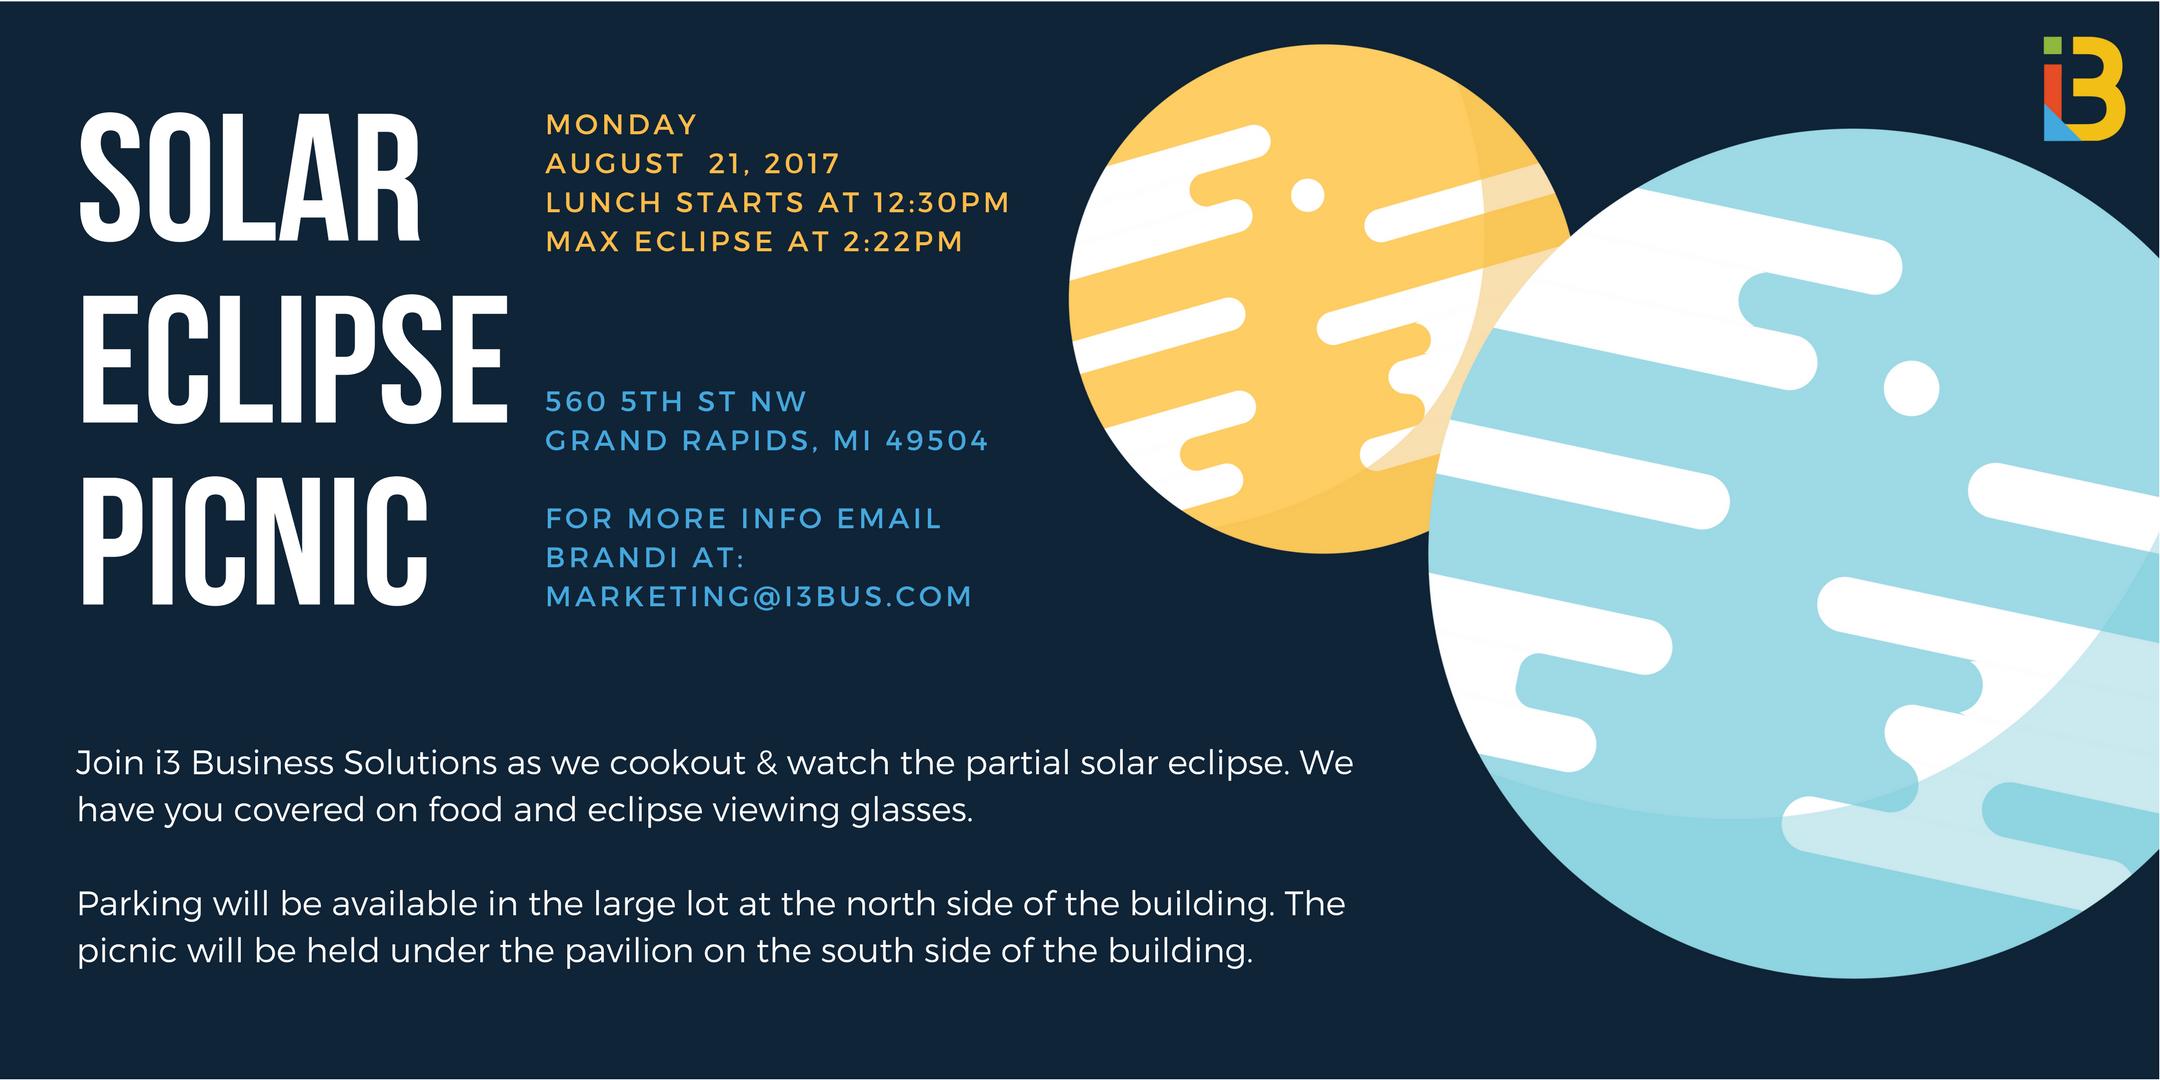 Solar Eclipse Picnic